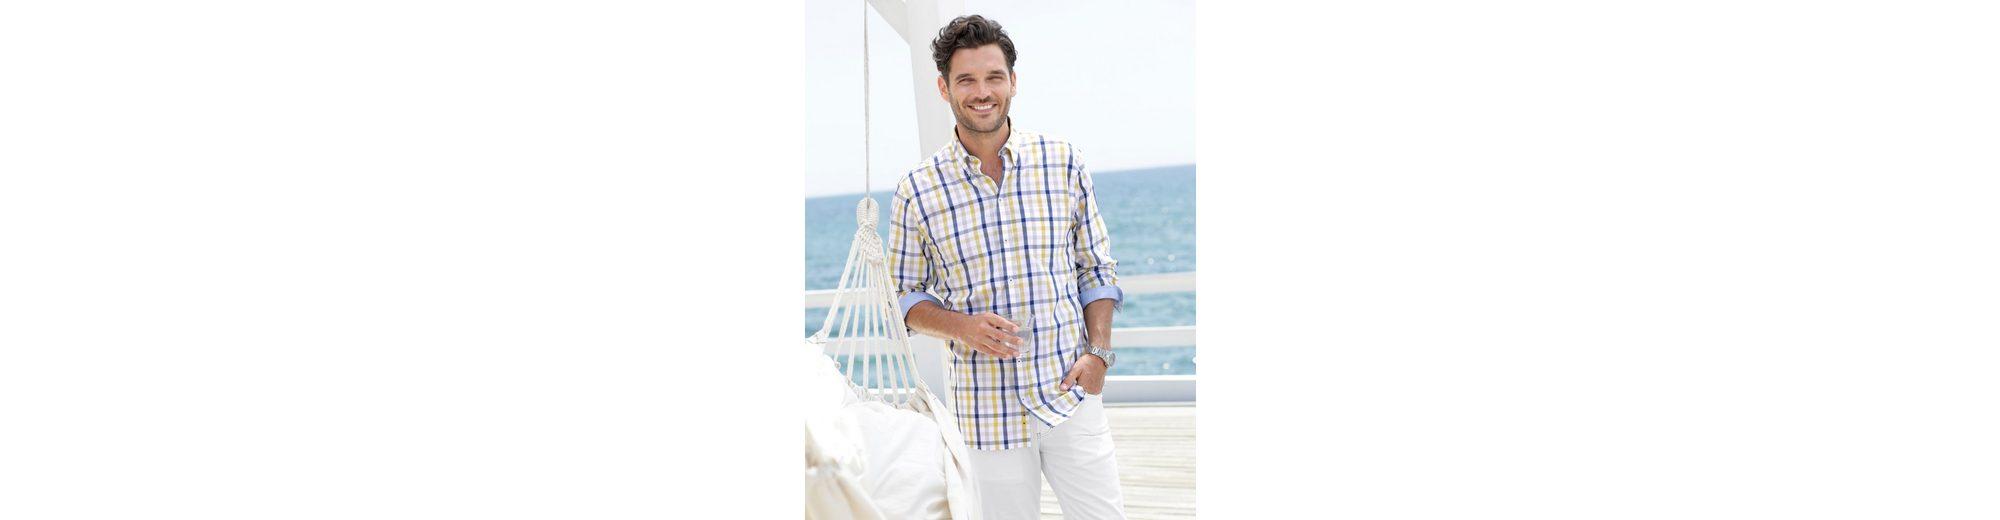 Freie Verschiffen-Websites Billig Limited Edition Babista Hemd mit schönem Karomuster Günstig Kaufen Neue Ankunft Rabatt Zuverlässig Steckdose Exklusive C4Gw1C